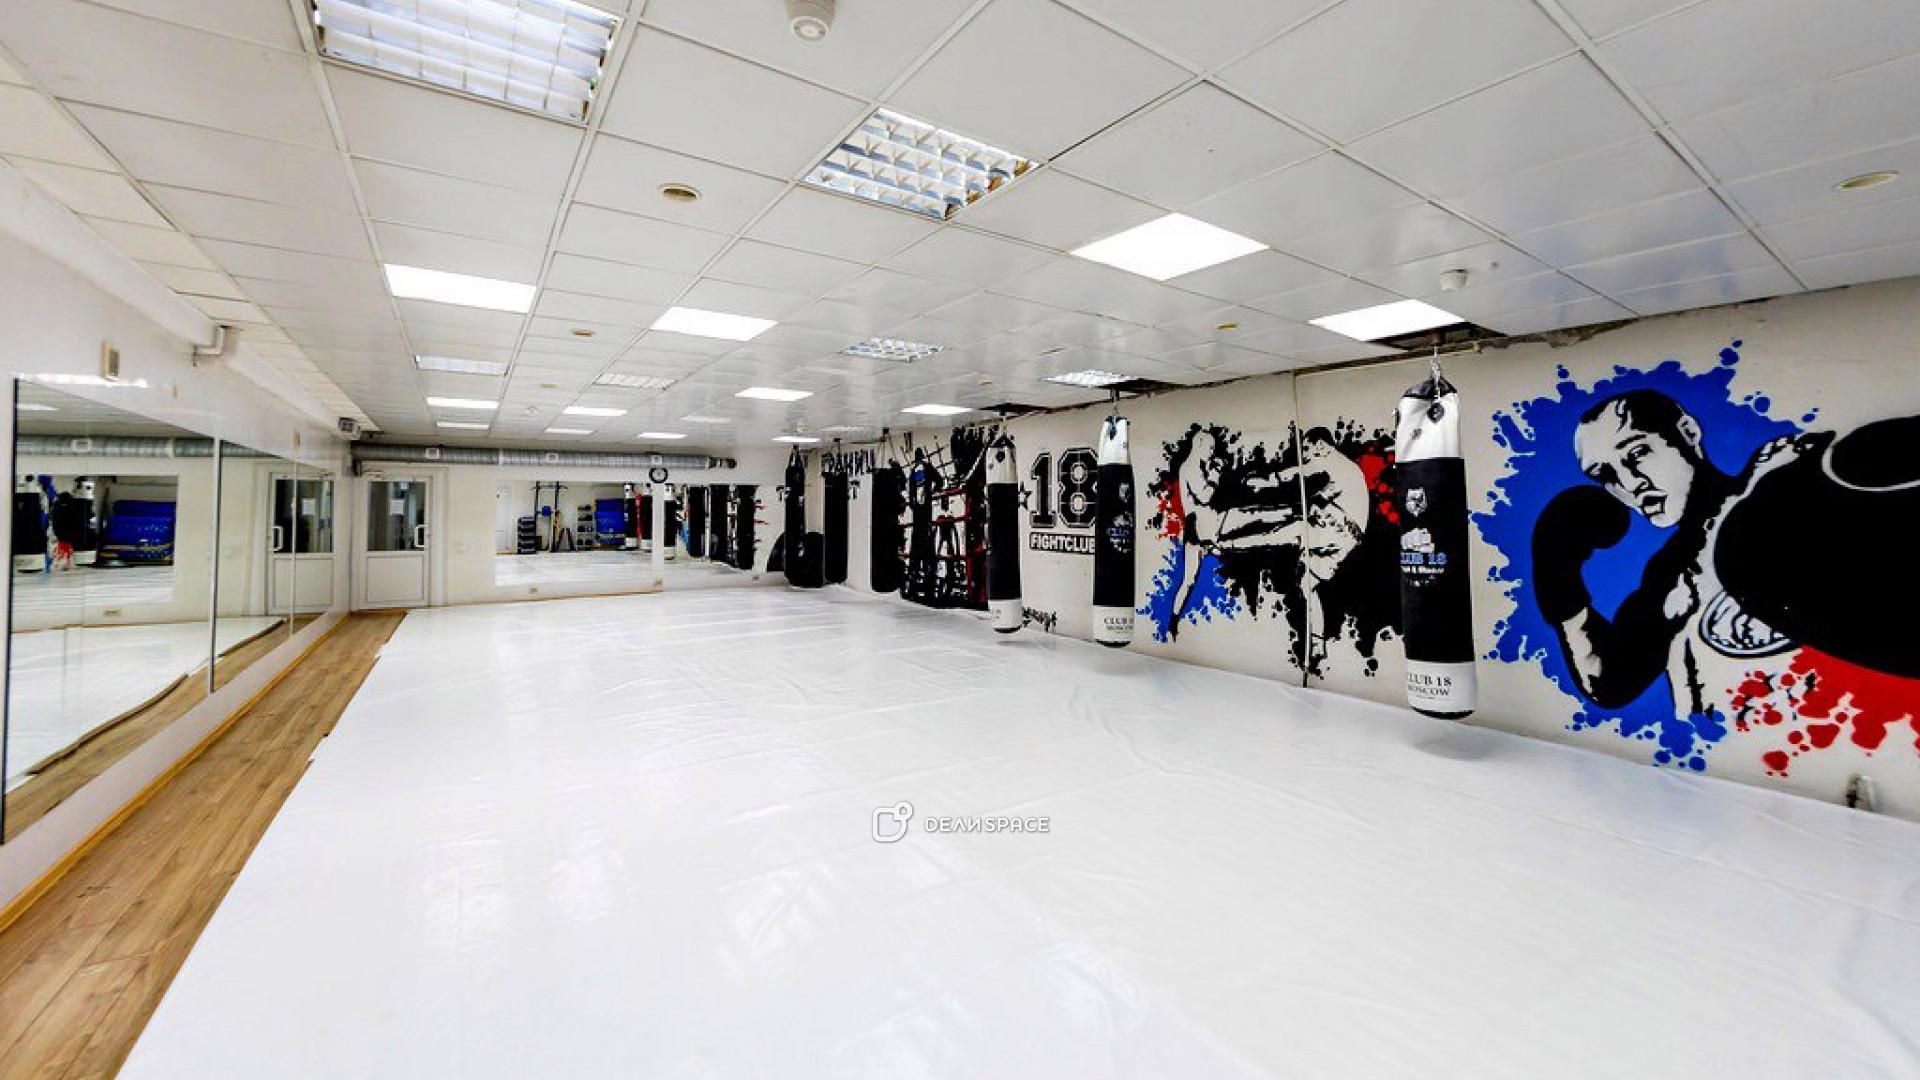 Мягкий зал №3 боевых искусств